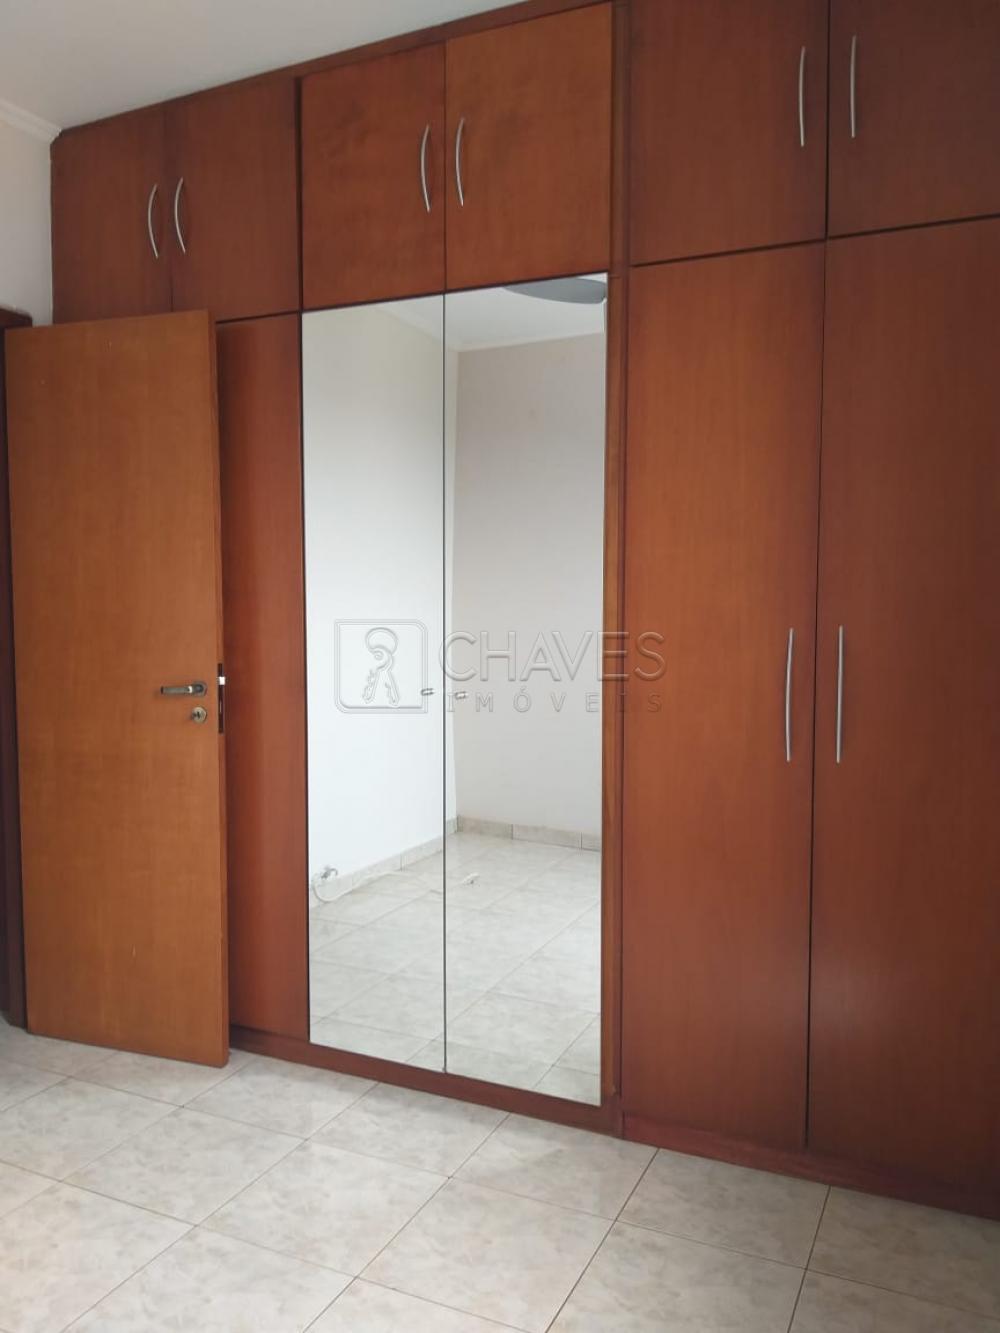 Comprar Apartamento / Padrão em Ribeirão Preto apenas R$ 480.000,00 - Foto 13